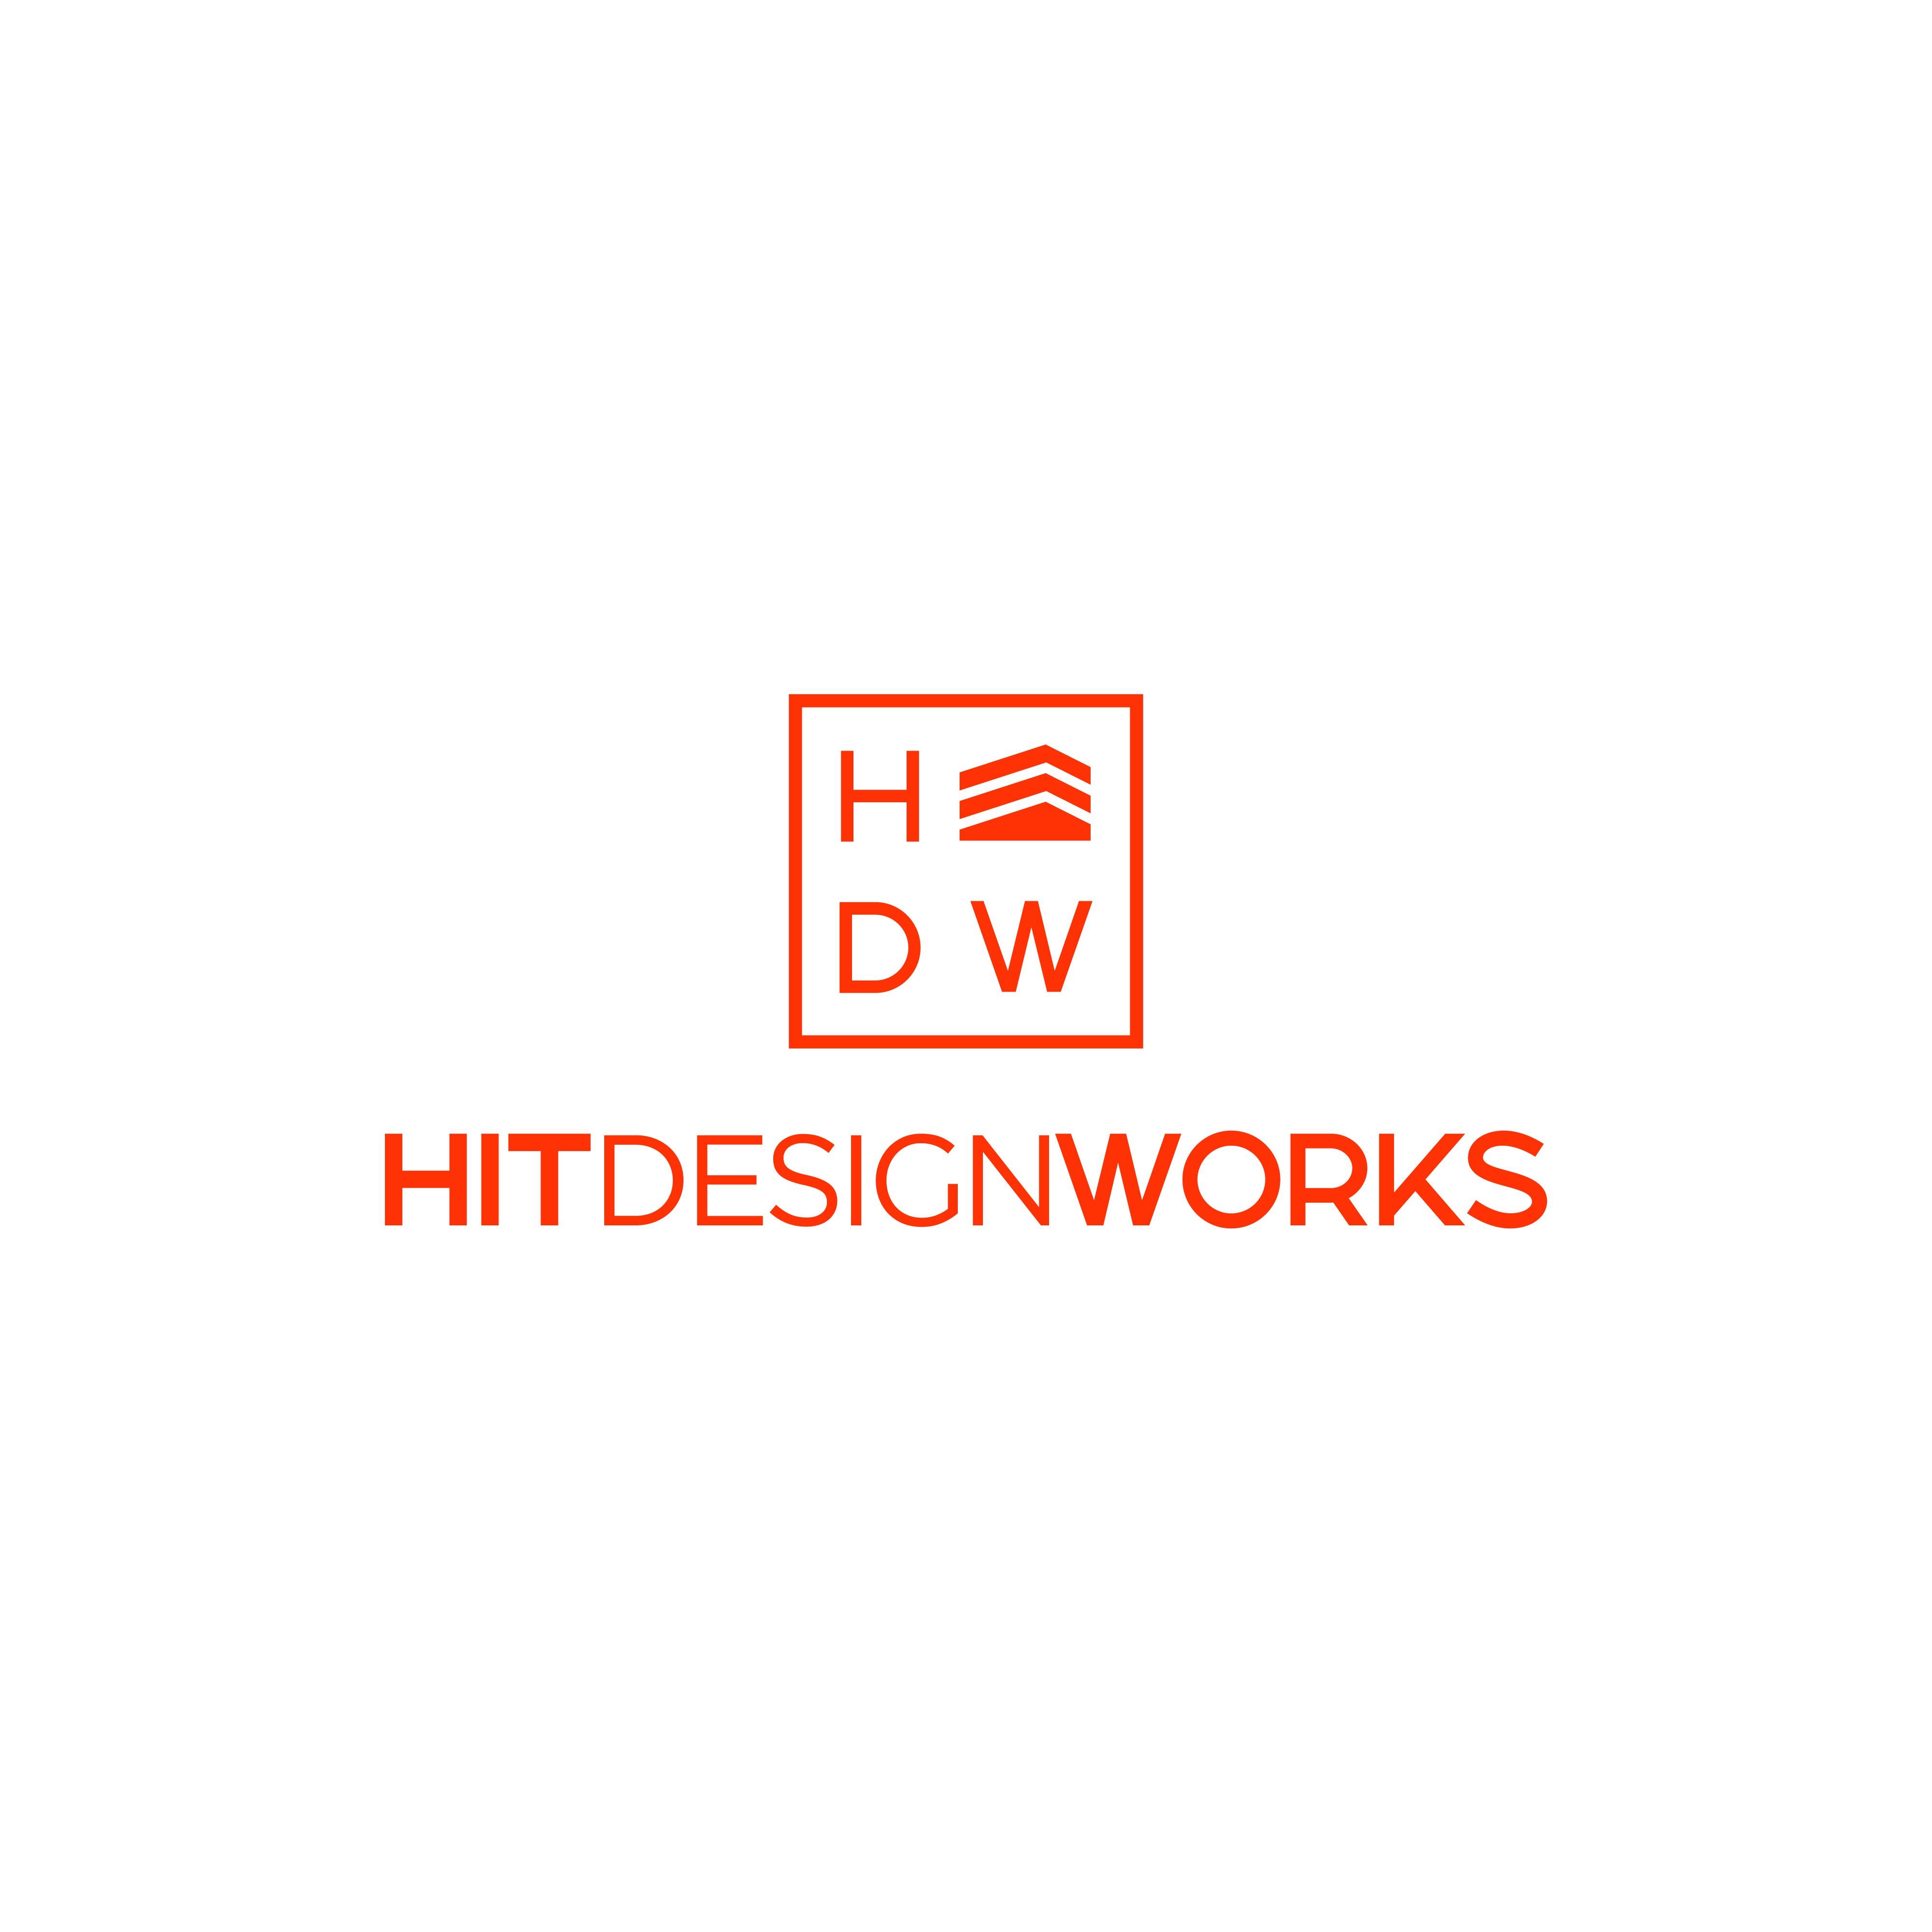 「インテリアデザイン会社のロゴデザイン・ブランディング」